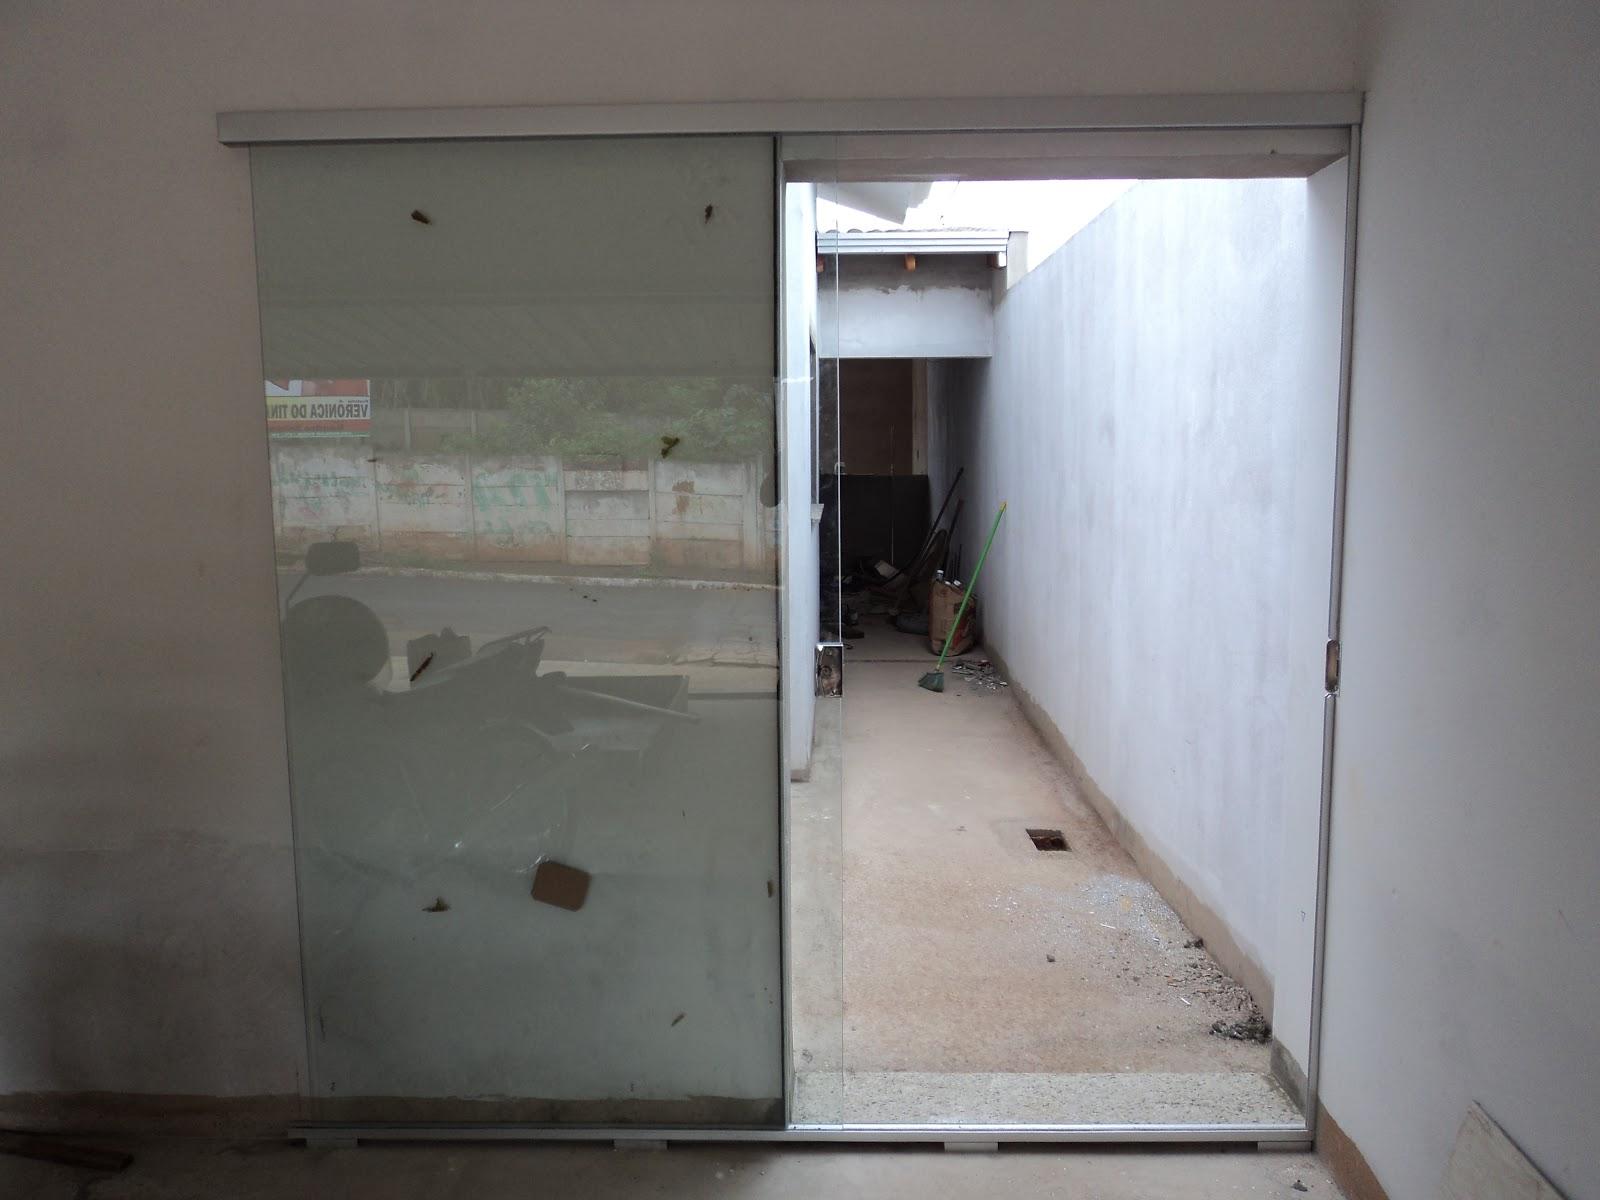 box e janela do wc em vidro antílope 08mm janela no sistema  #526179 1600x1200 Banheiro Com Janela Interna